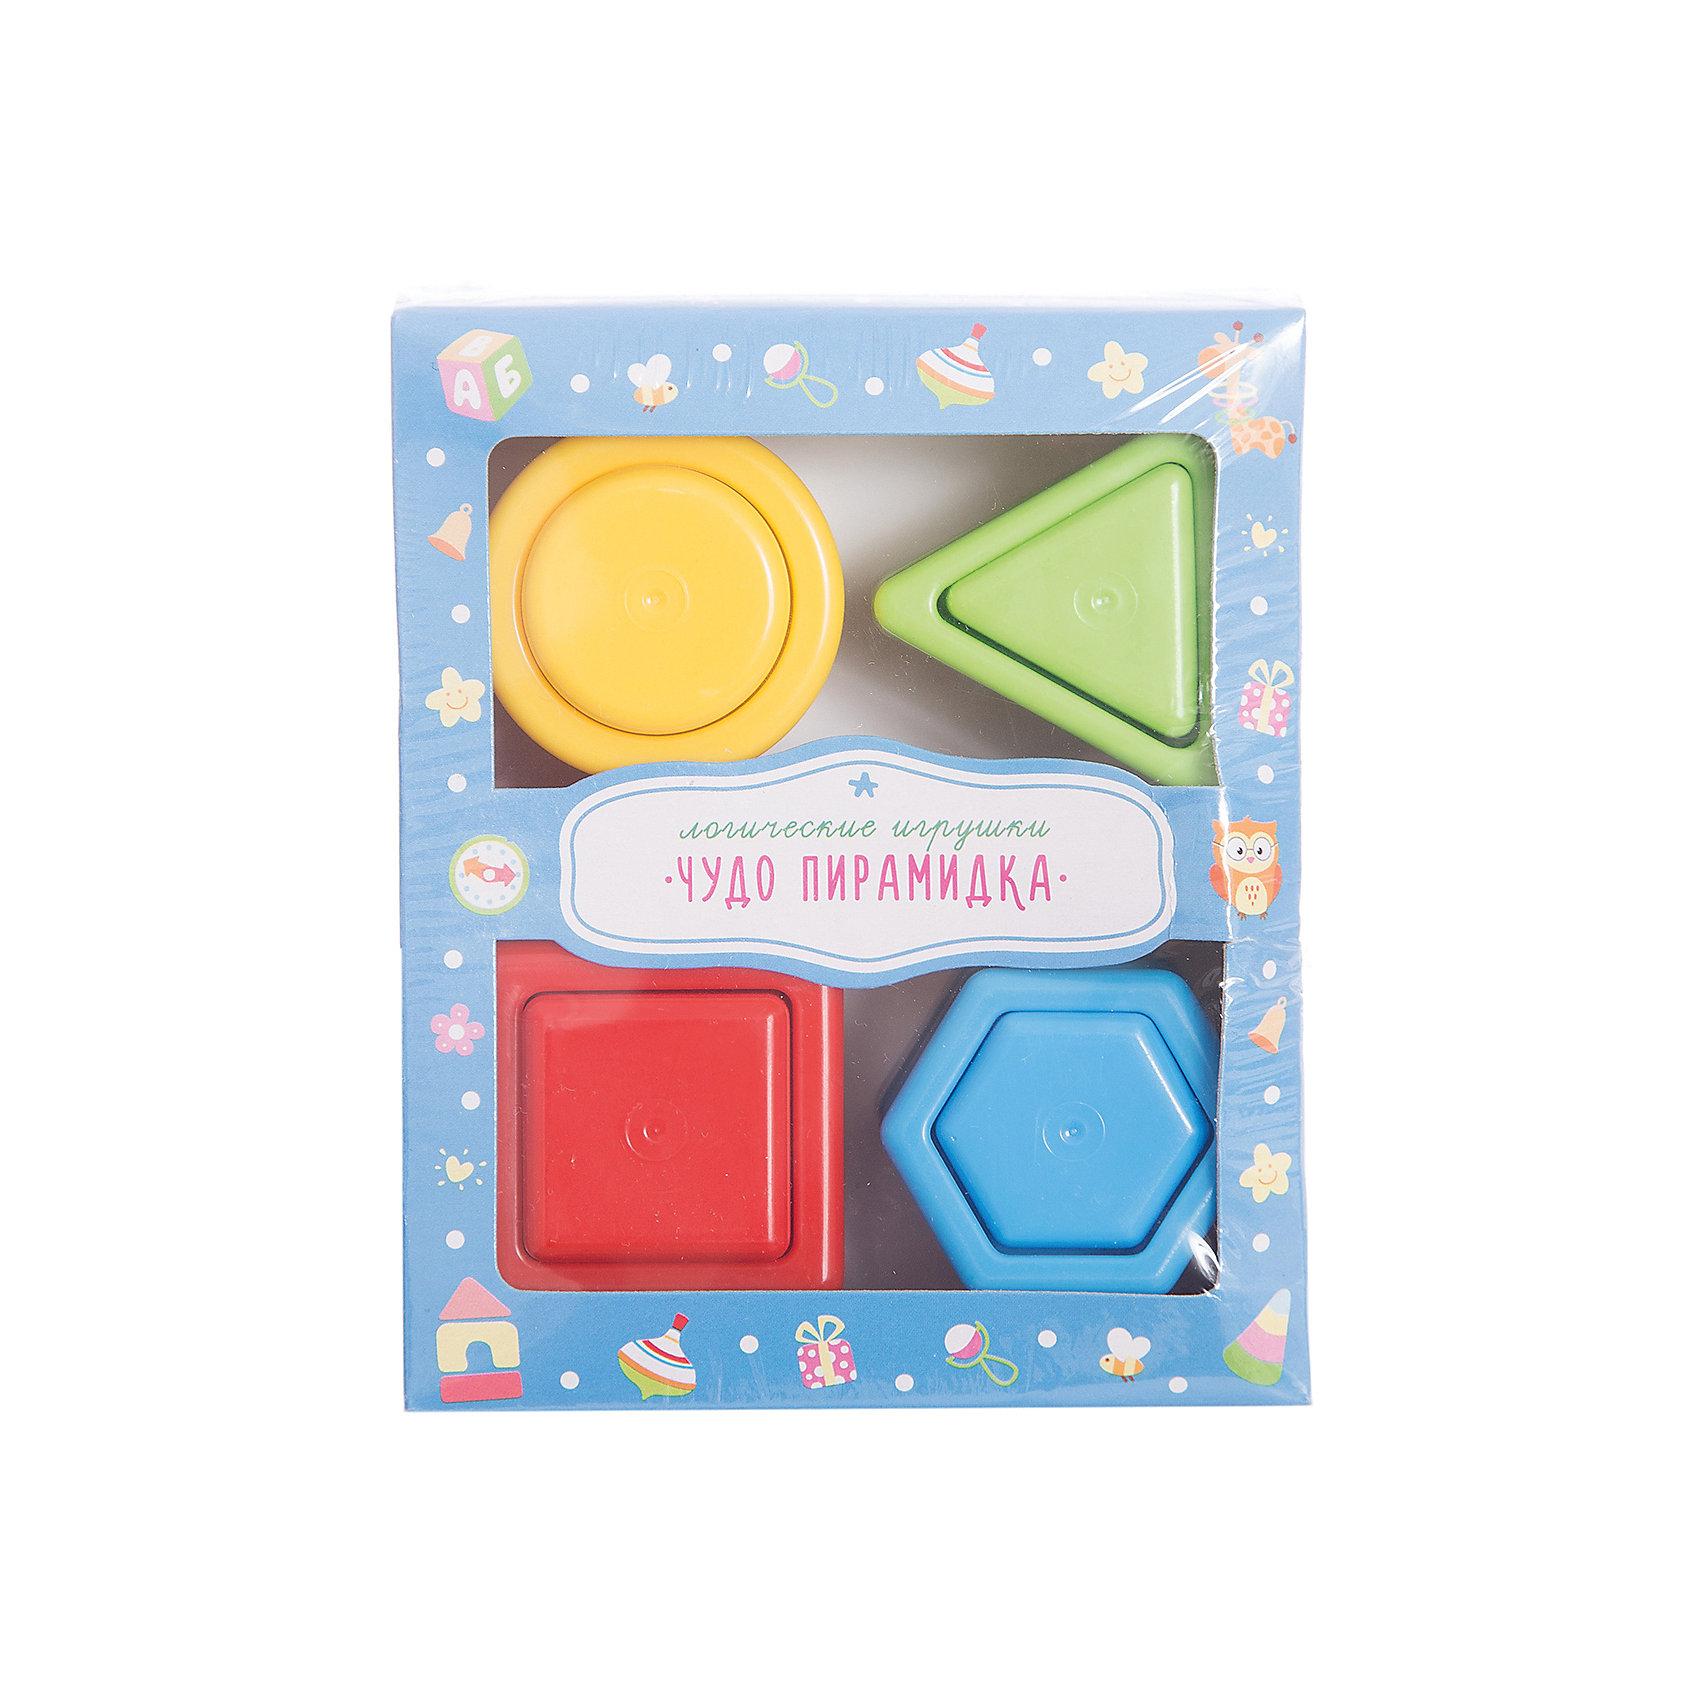 Стеллар Чудо-пирамидкаЧудо-пирамидка познакомит ребенка с понятием цвета и геометрических фигур. <br><br>Пирамидка состоит из подставки с четырьмя пирамидками, состоящими из разных геометрических фигур: квадрата, шестиугольника, треугольника и круга. С помощью этих ярких пирамидок малыш научится определять форму и цвета, сравнивать предметы по величине и раскладывать их в определенном порядке. Игрушка направлена на развитие у ребенка координации движений, моторики рук, пространственного и логического мышления, внимания, памяти, а также подготавливает руку к письму.<br><br>Дополнительная информация:<br><br>- Материал: пластмасса<br>- Размер: 6,5 х 12 х 14 см<br><br>Ширина мм: 140<br>Глубина мм: 120<br>Высота мм: 65<br>Вес г: 128<br>Возраст от месяцев: 12<br>Возраст до месяцев: 36<br>Пол: Унисекс<br>Возраст: Детский<br>SKU: 2407066